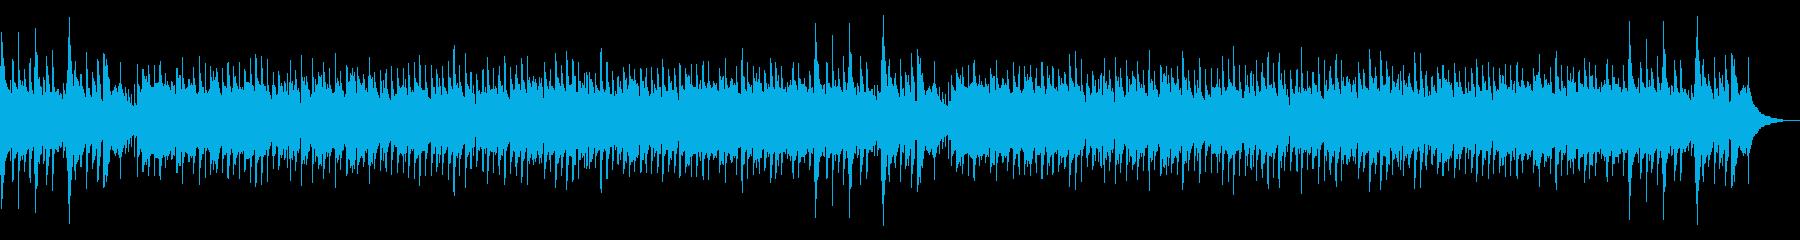 旋律がティンホイッスルの幻想的ケルト音楽の再生済みの波形